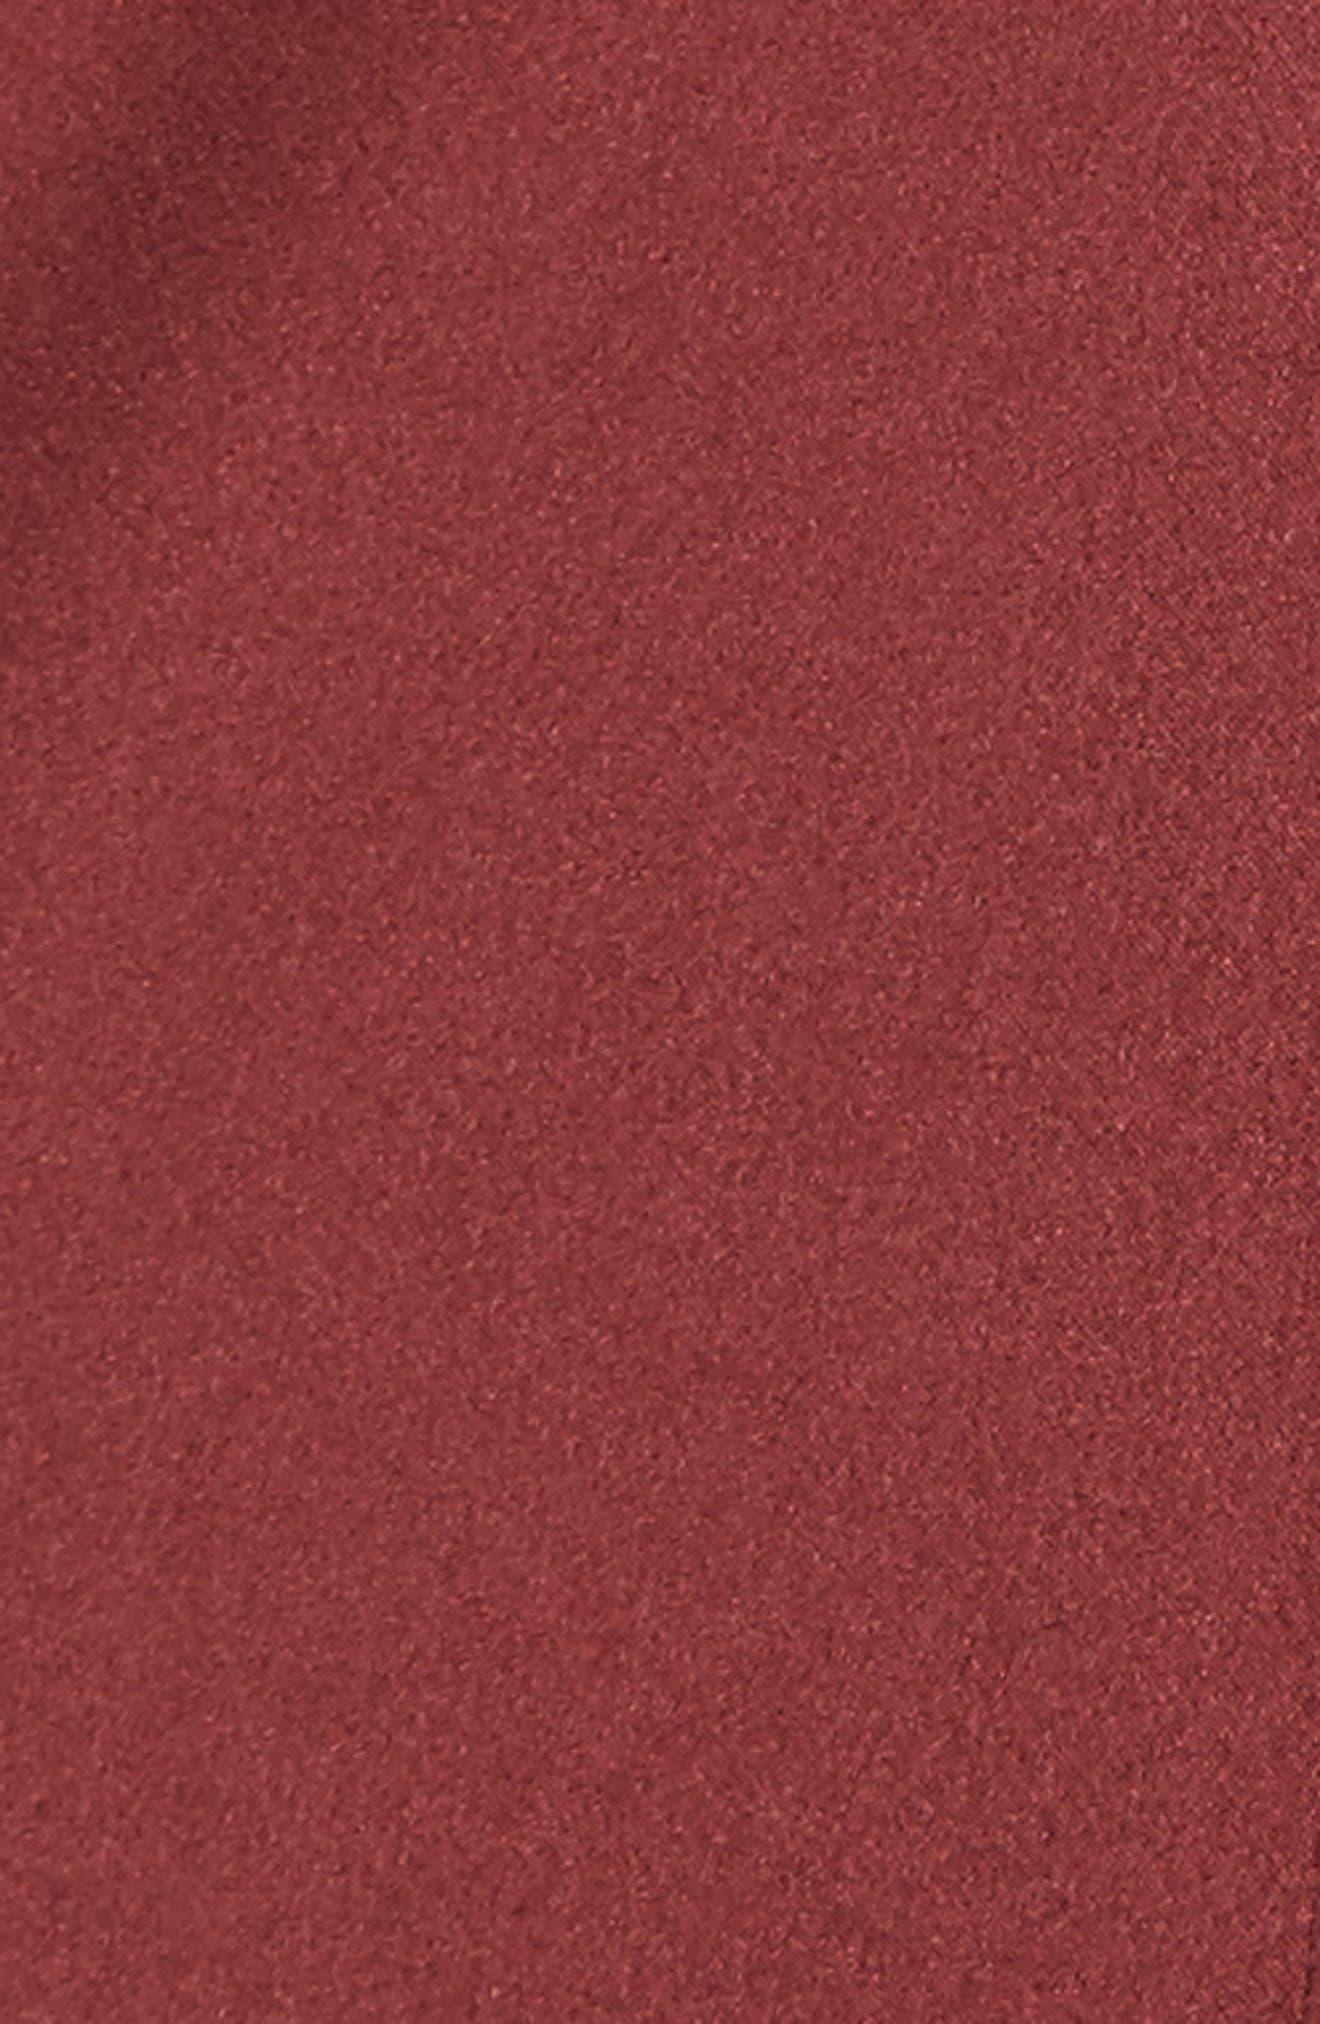 Belted Satin Jacket,                             Alternate thumbnail 6, color,                             601